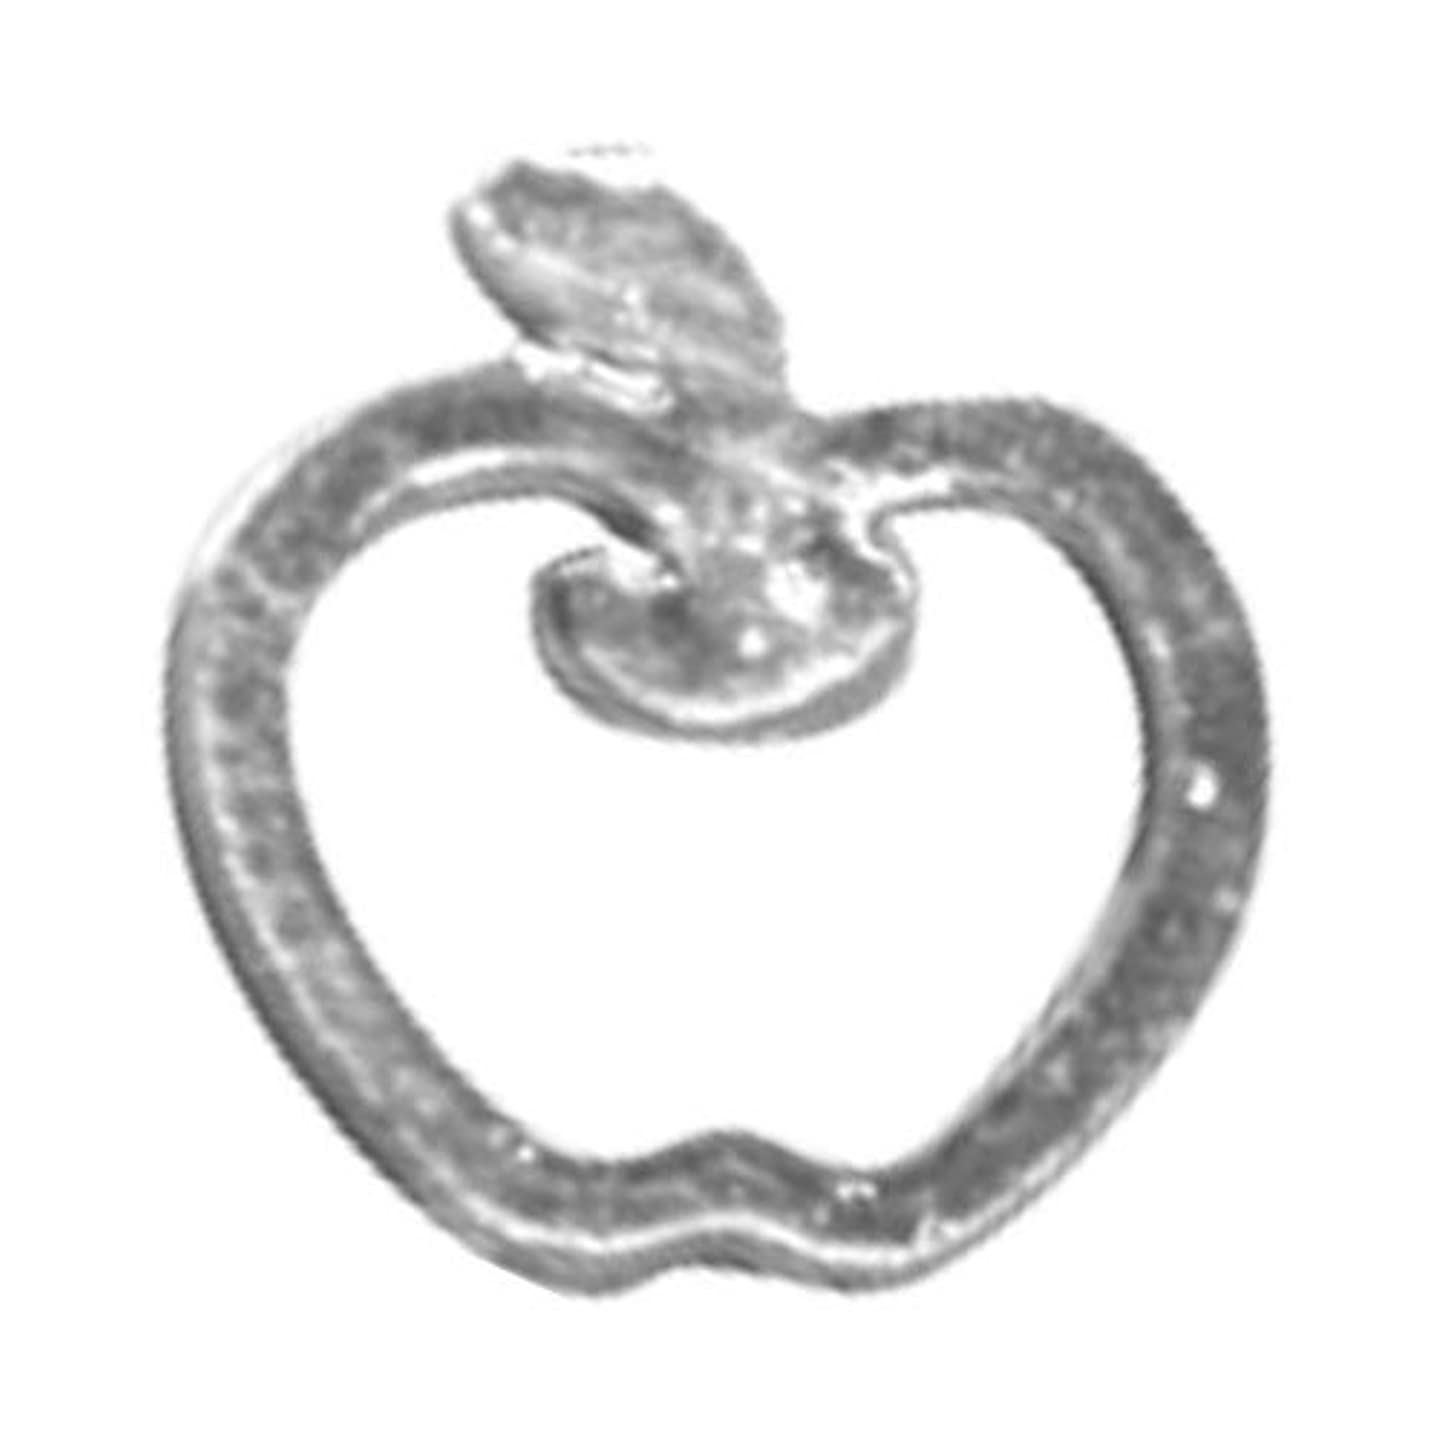 でる自分のためにタックルリトルプリティー ネイルアートパーツ リンゴ SS シルバー 10個